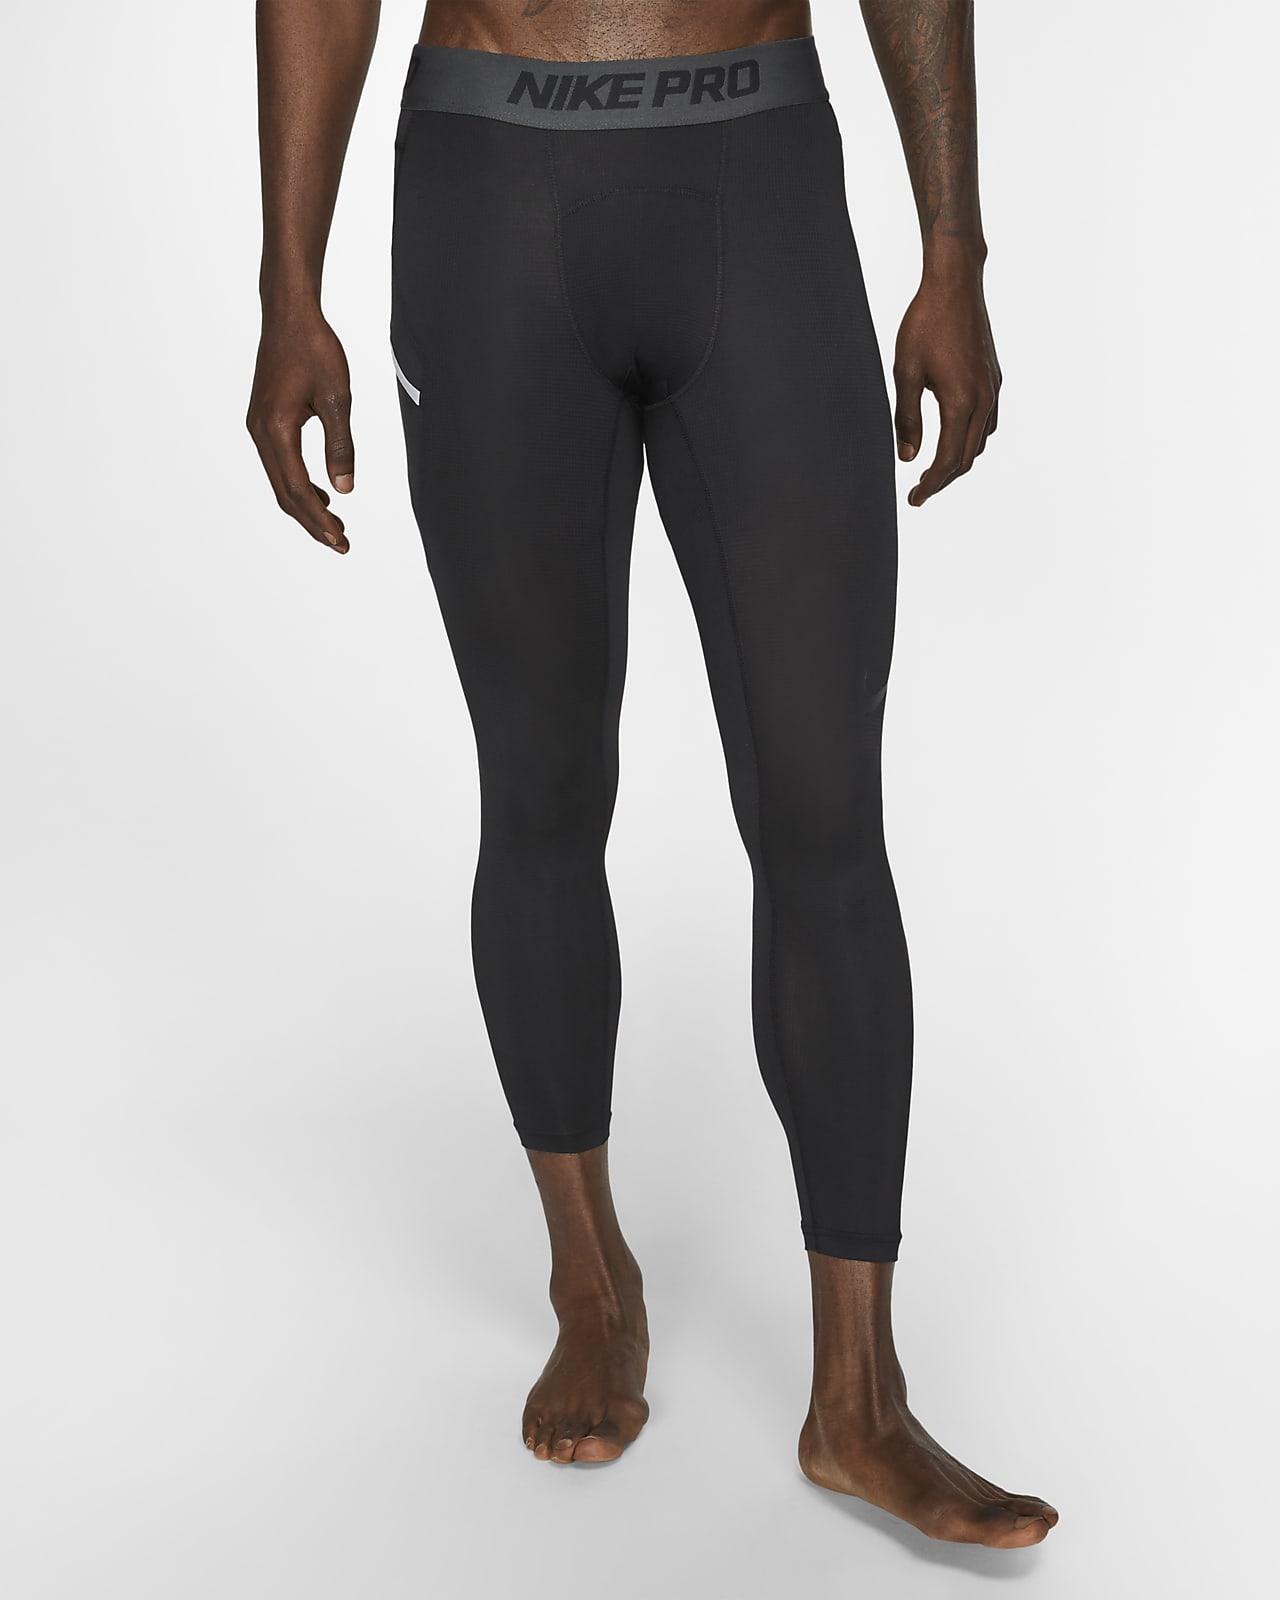 Nike Pro Malles de bàsquet de 3/4 - Home